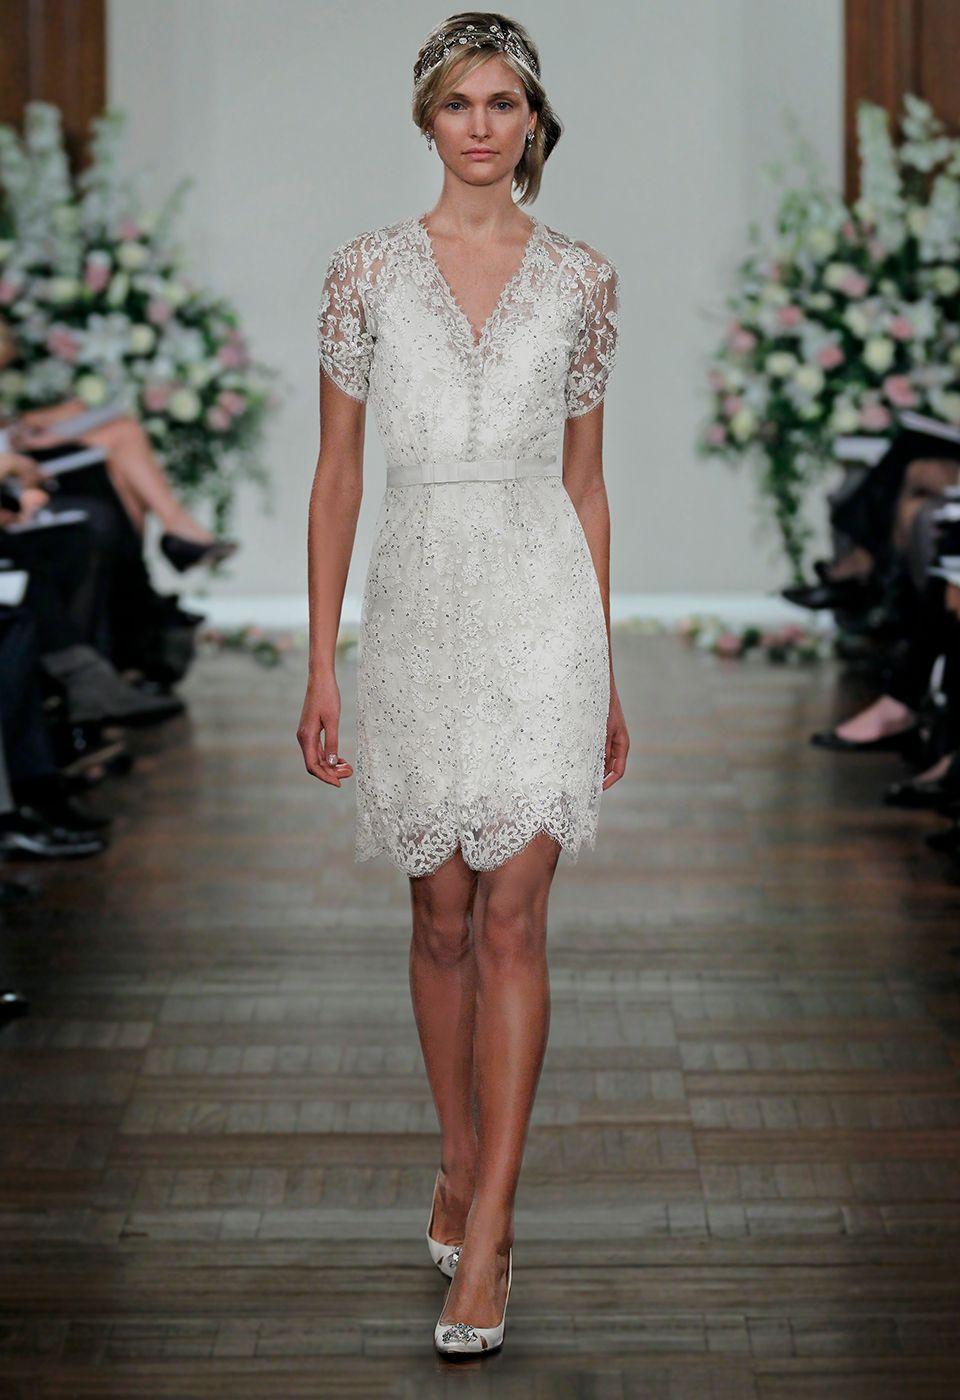 Ss bridal catwalk jenny packham boho gatsby wedding